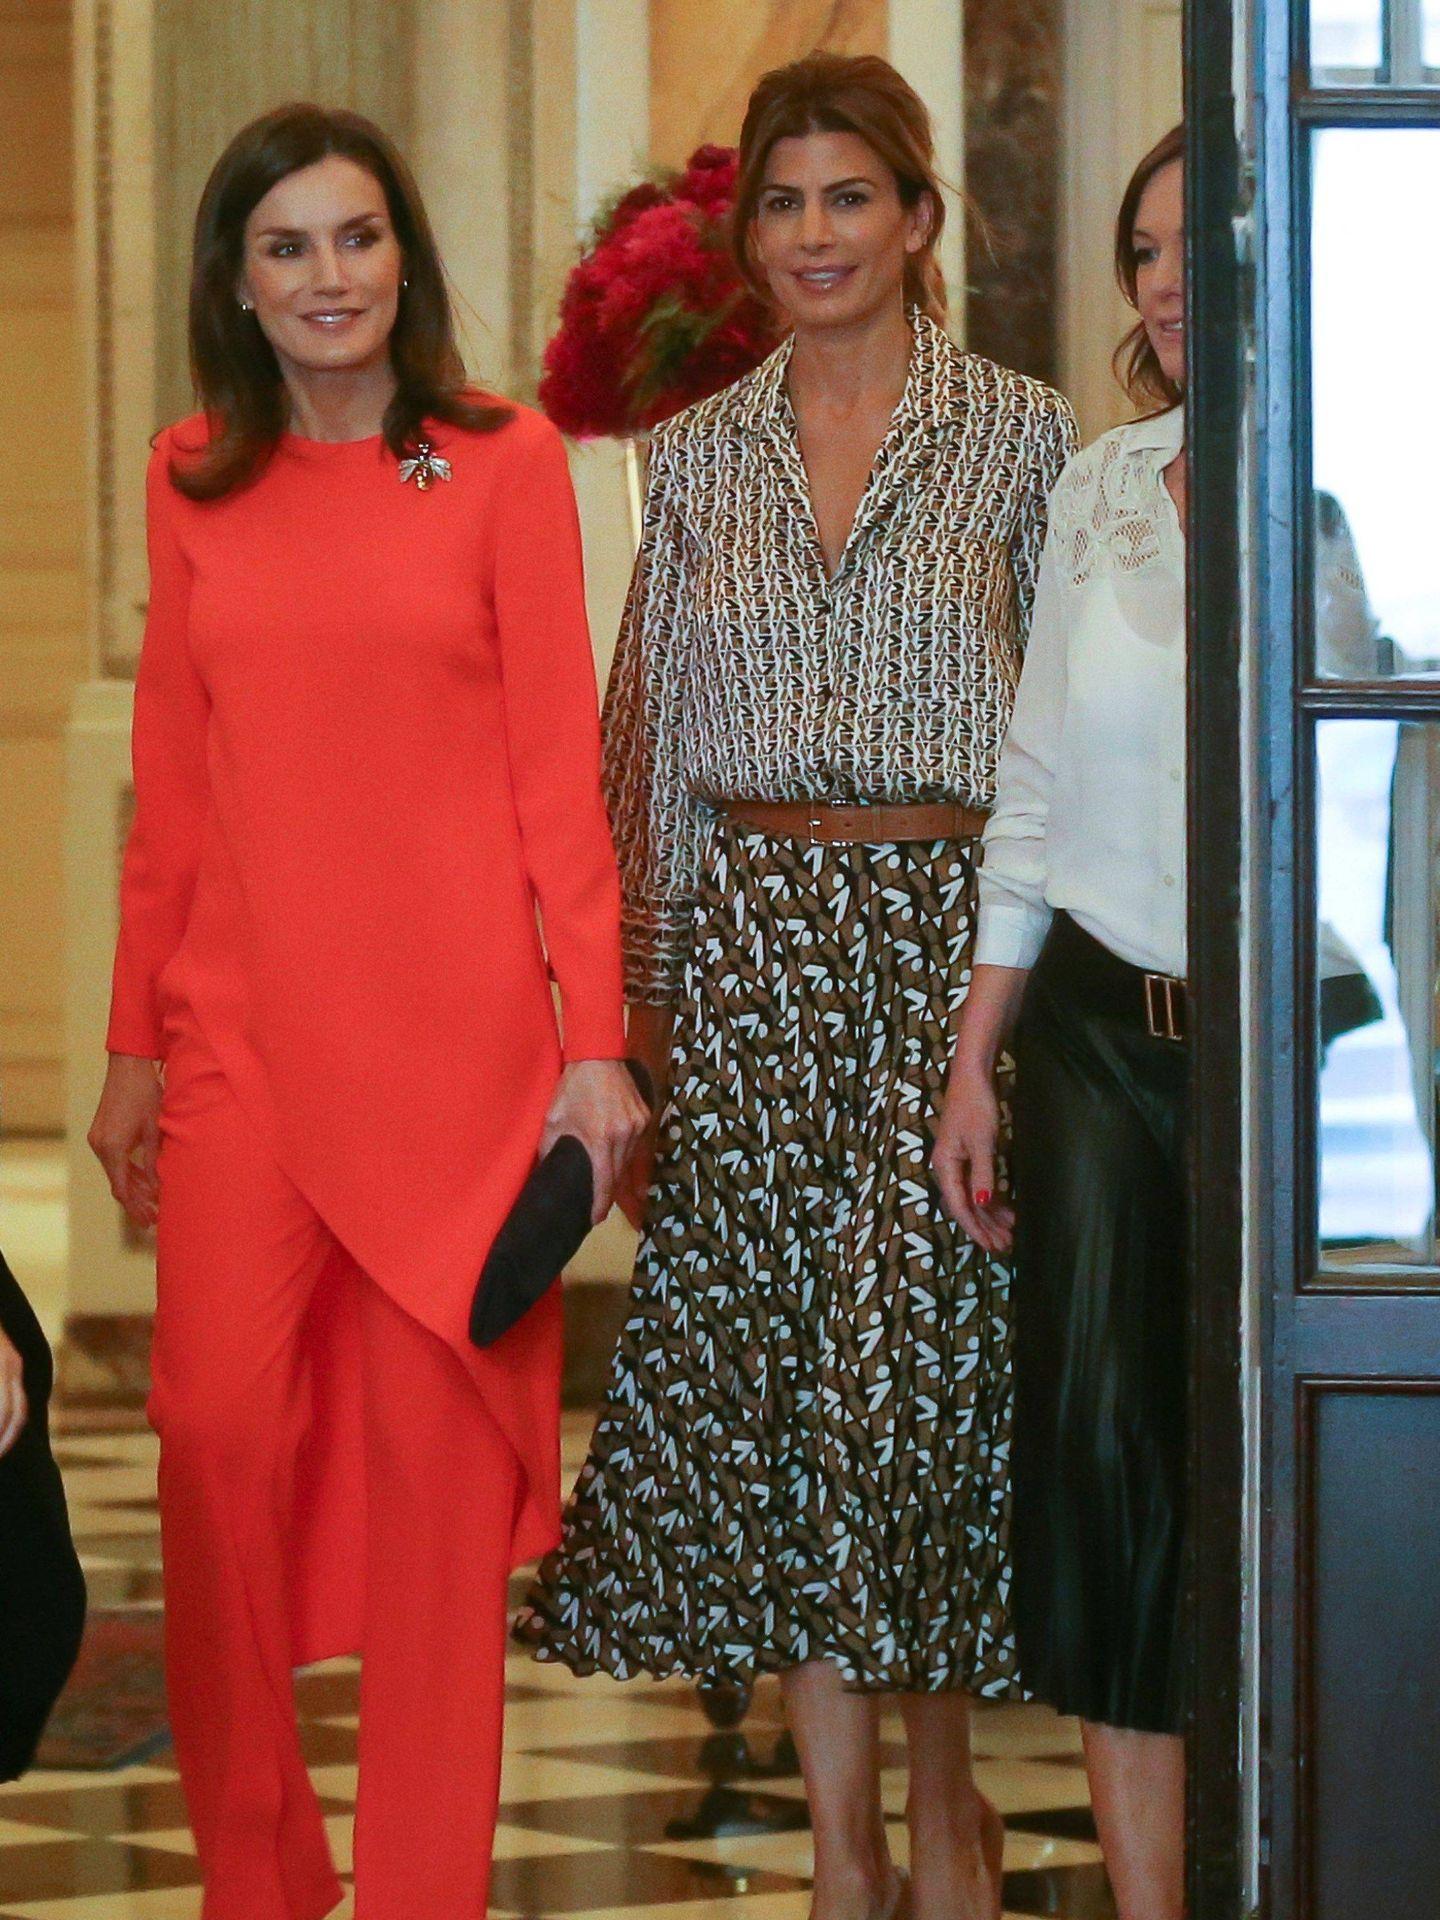 La reina Letizia, con el conjunto asimétrico en Argentina. (EFE)